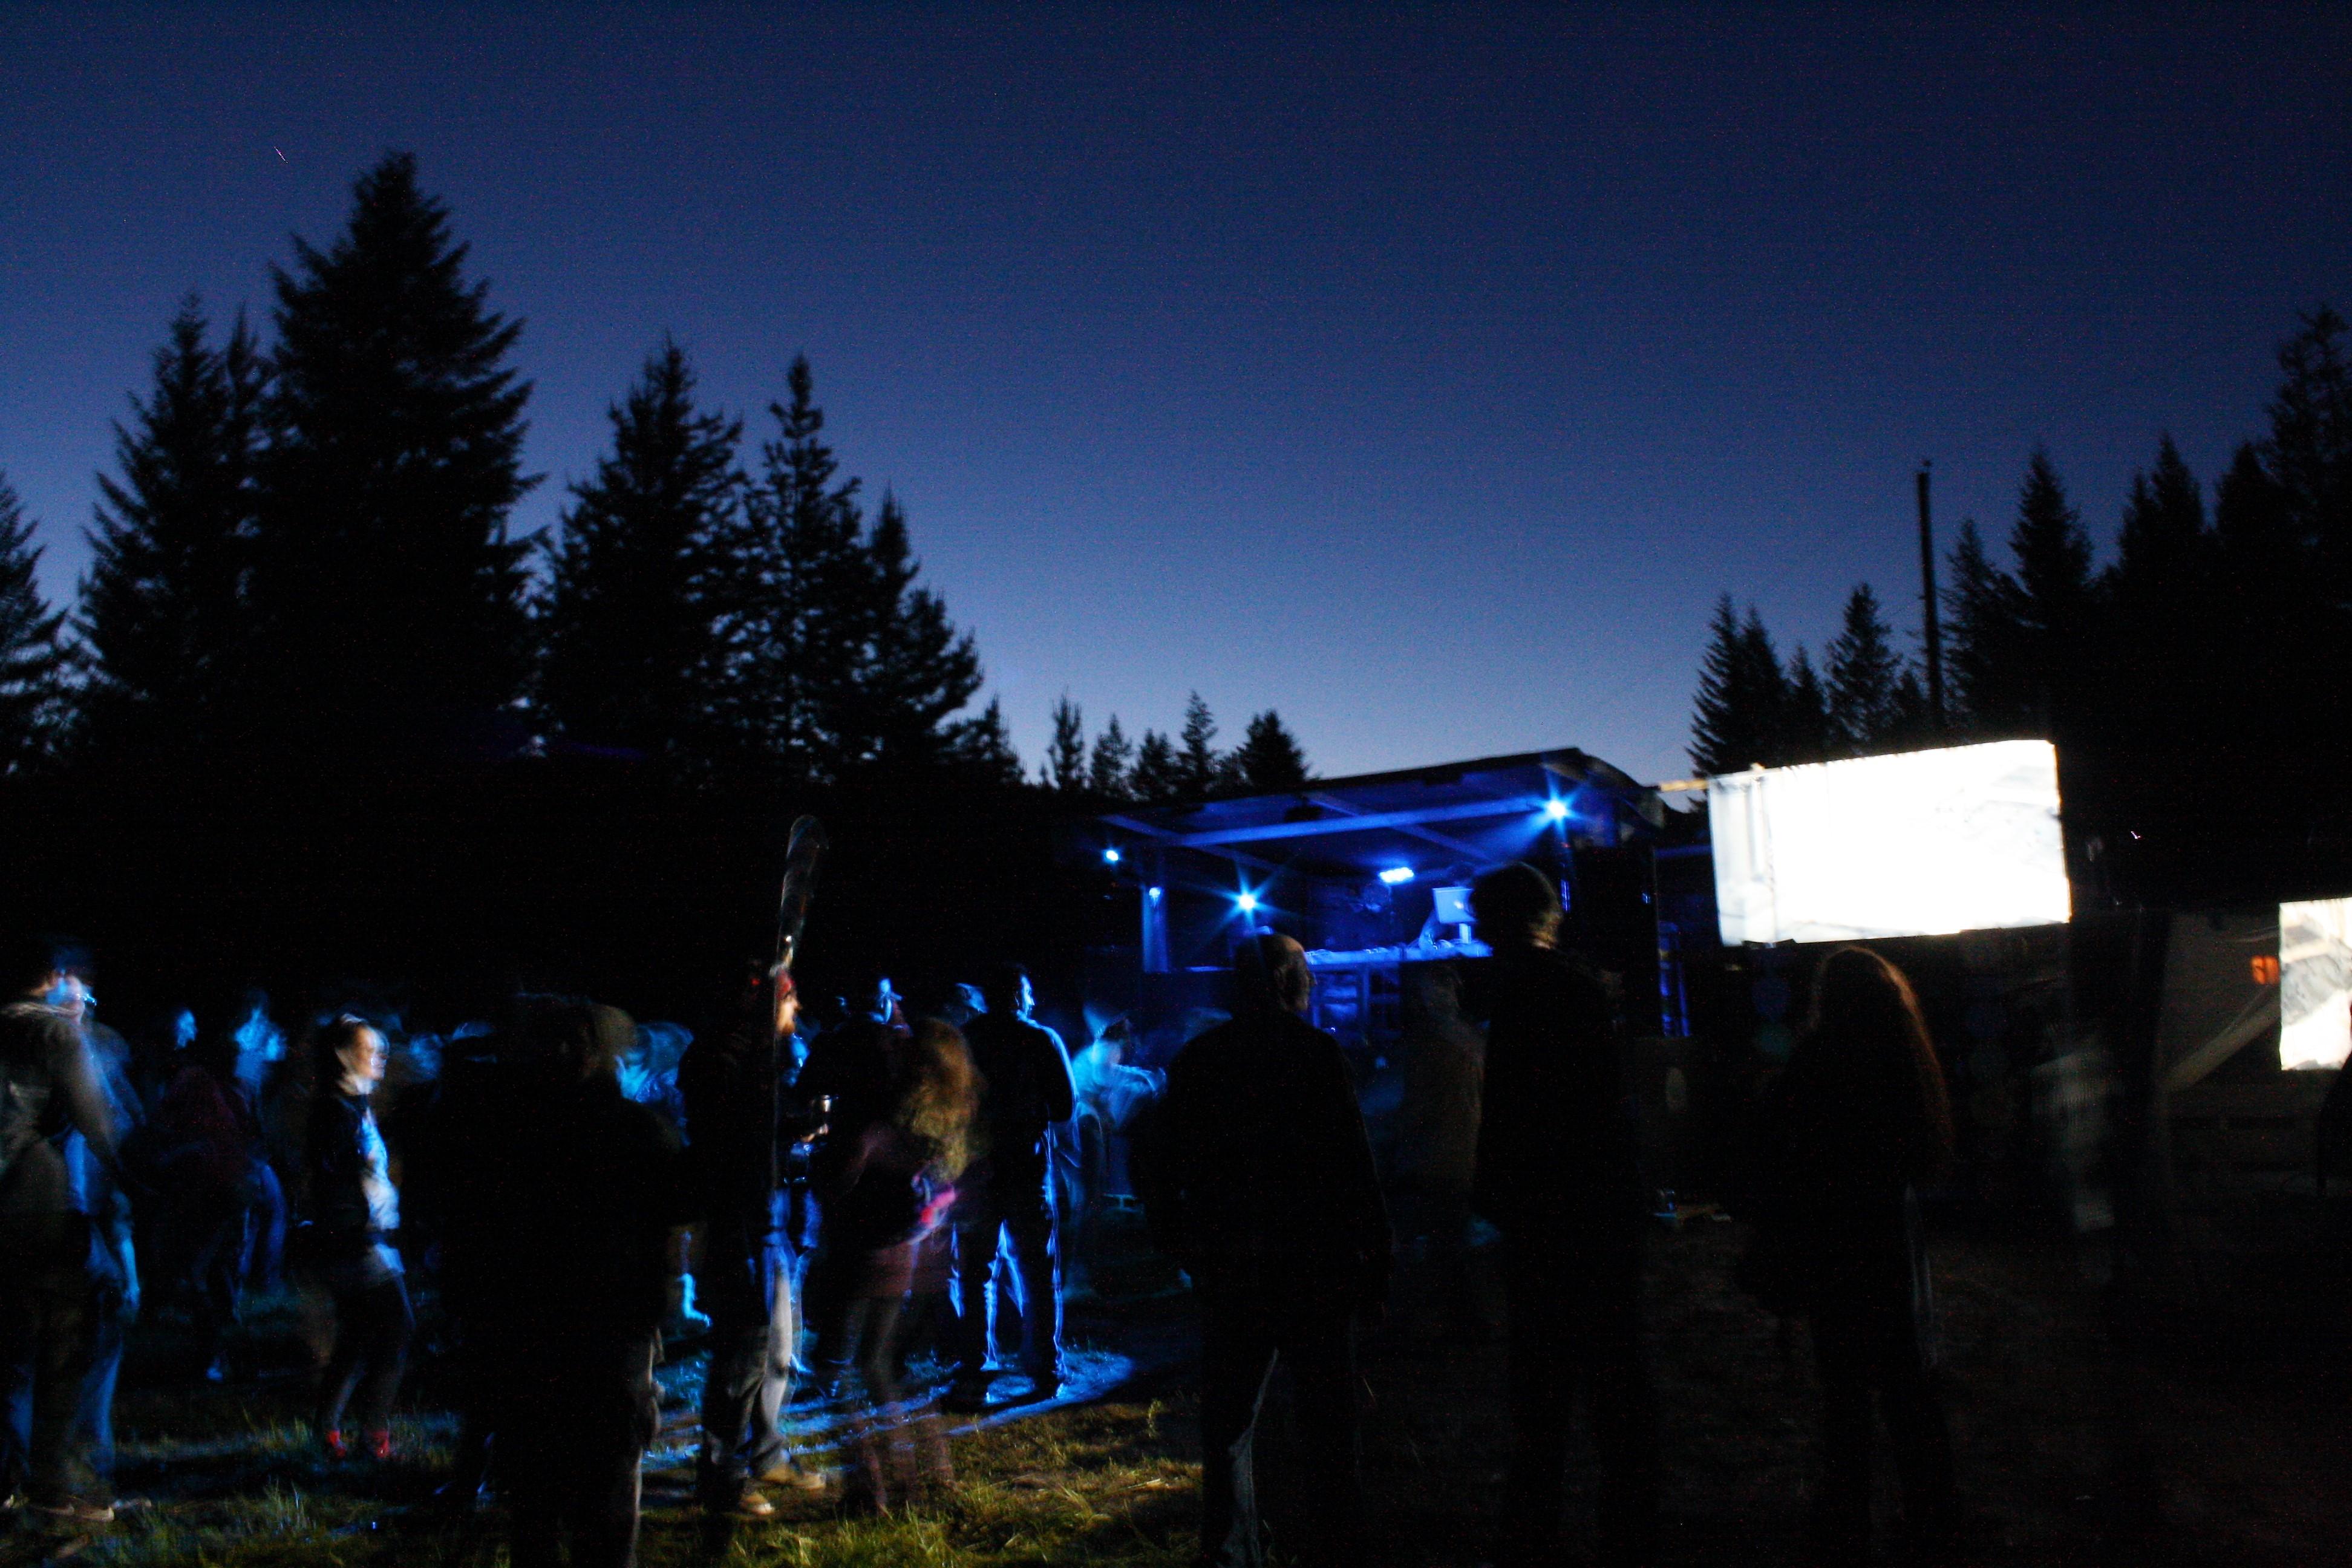 DM_music_festivals_hiddenfest_8975